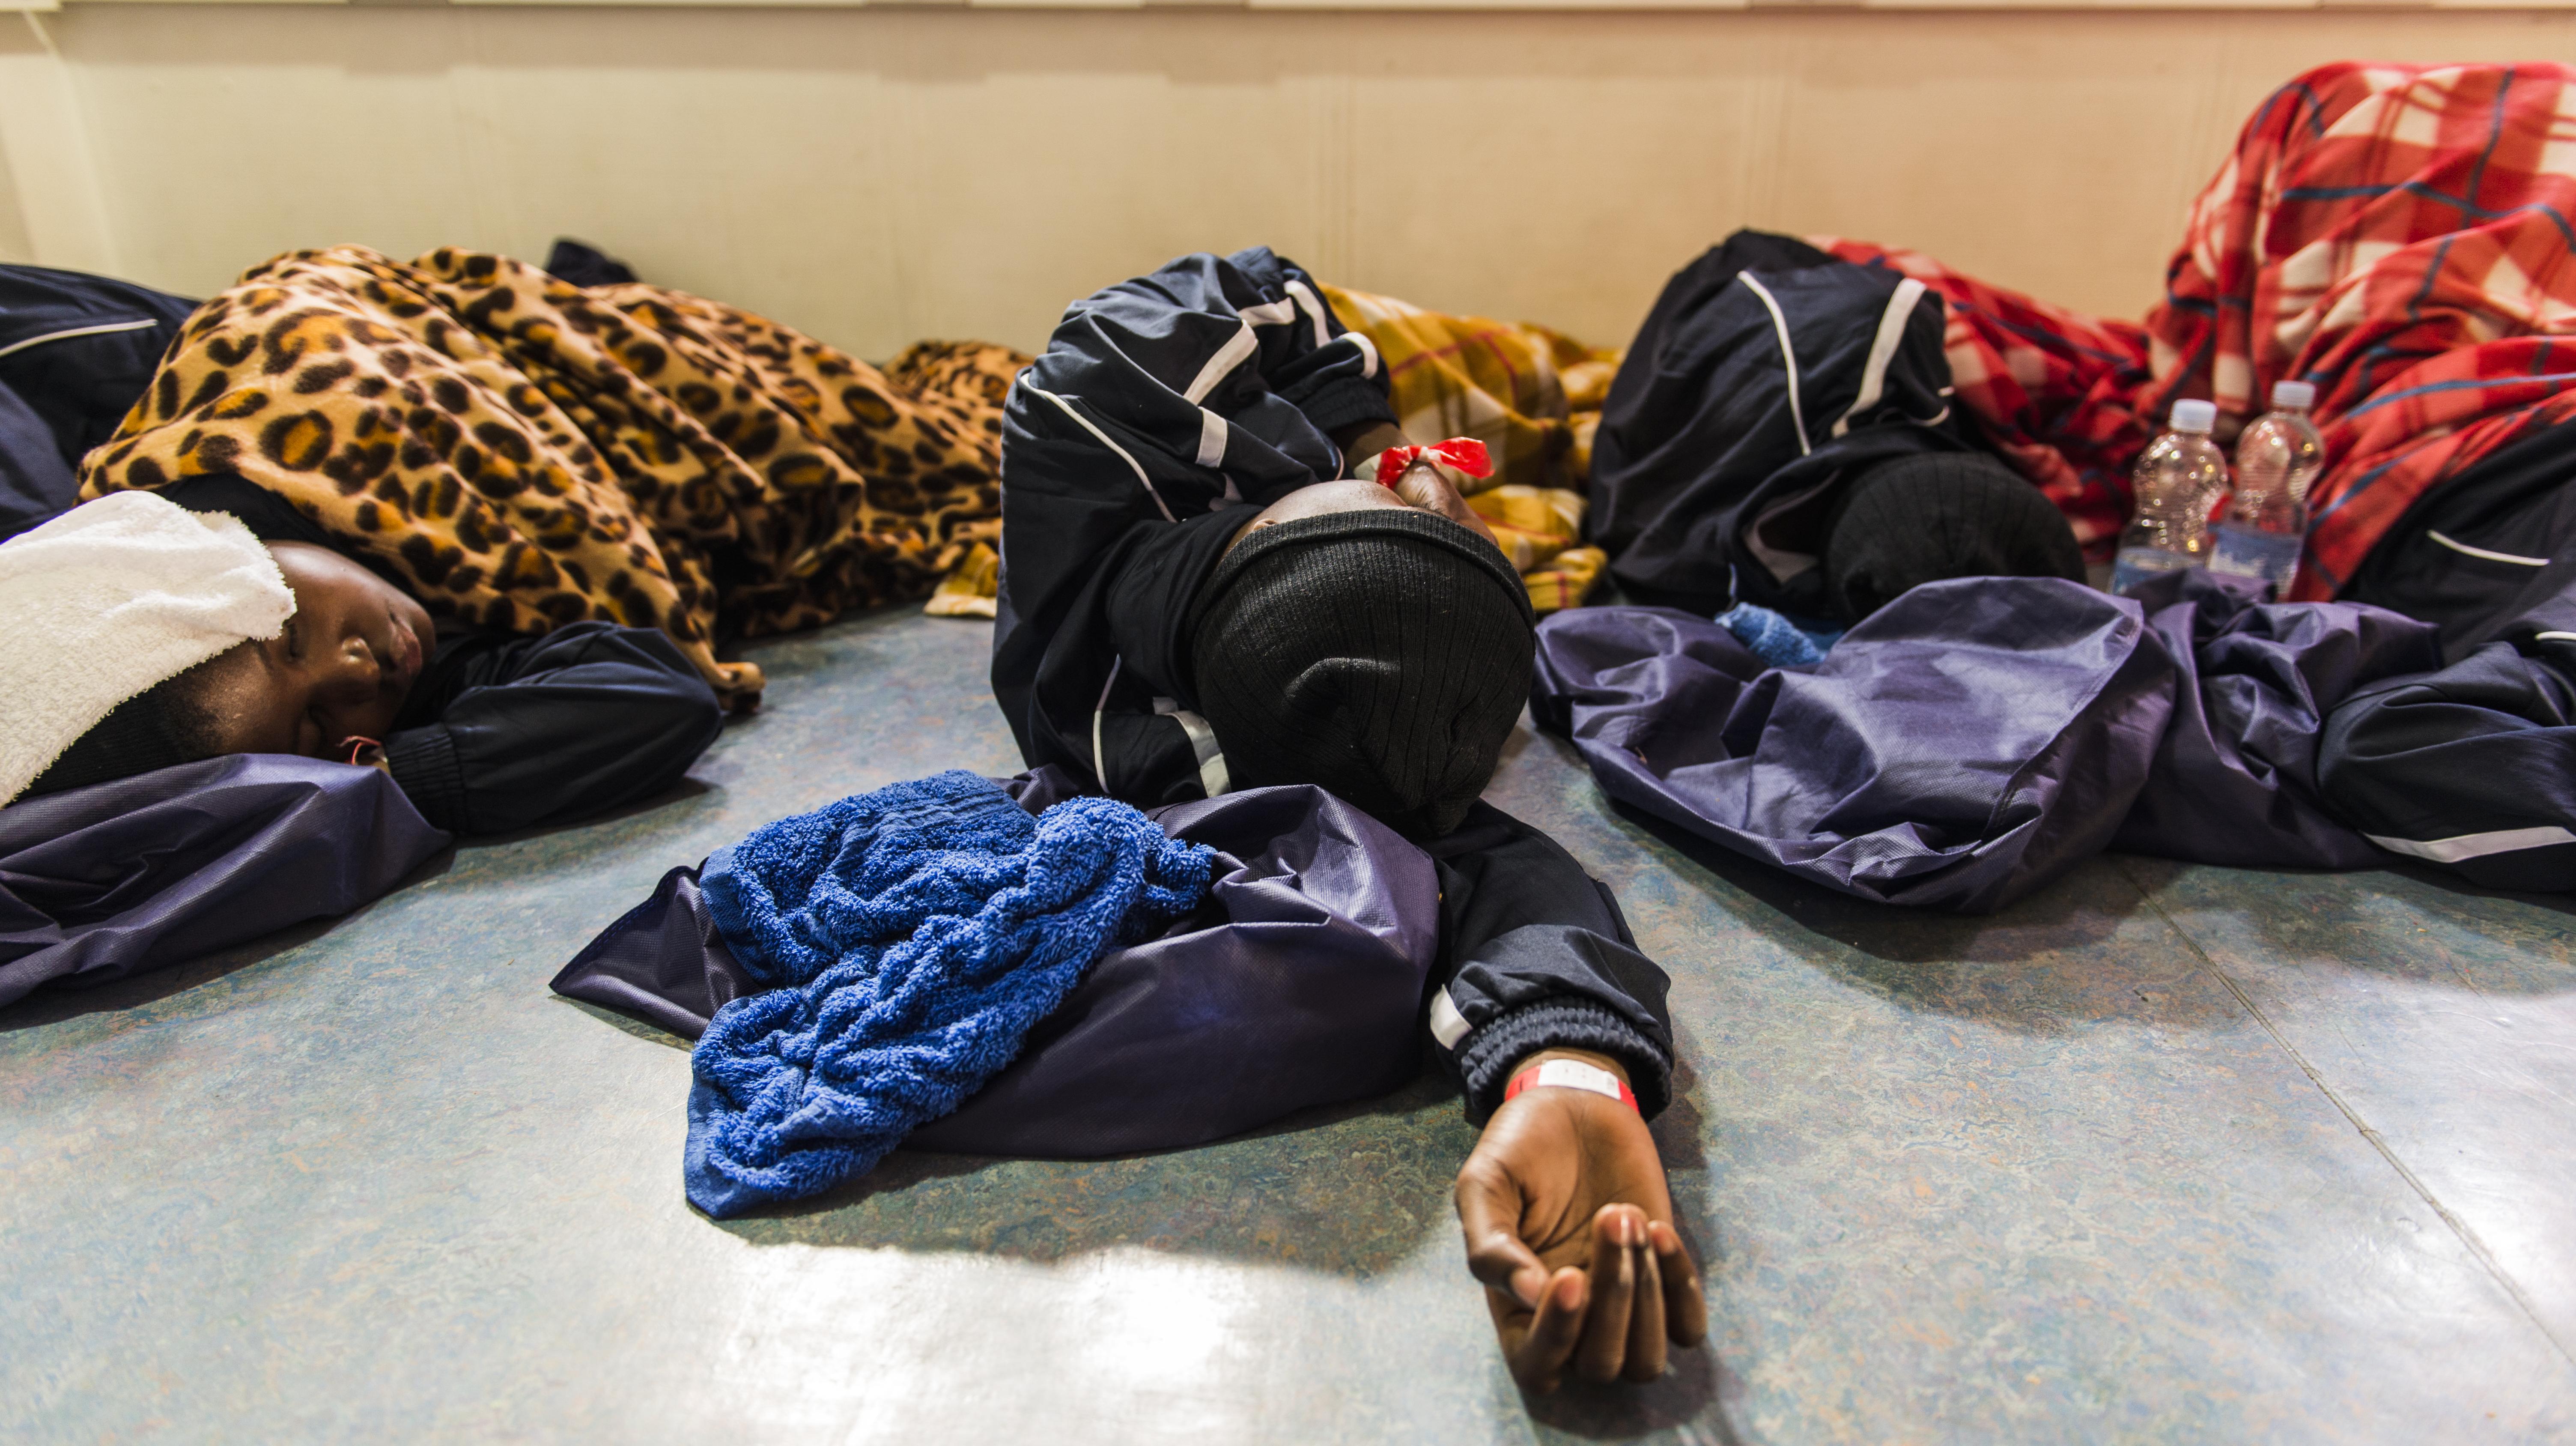 B. riposa dopo essere stata tratta in salvo da un gommone in avaria. Ha 20 anni, ha trascorso 4 mesi in un centro detentivo a Sabratha in Libia dove è stata ripetutamente violentata dalle guardie. (Foto: Federica Mameli/Luz)